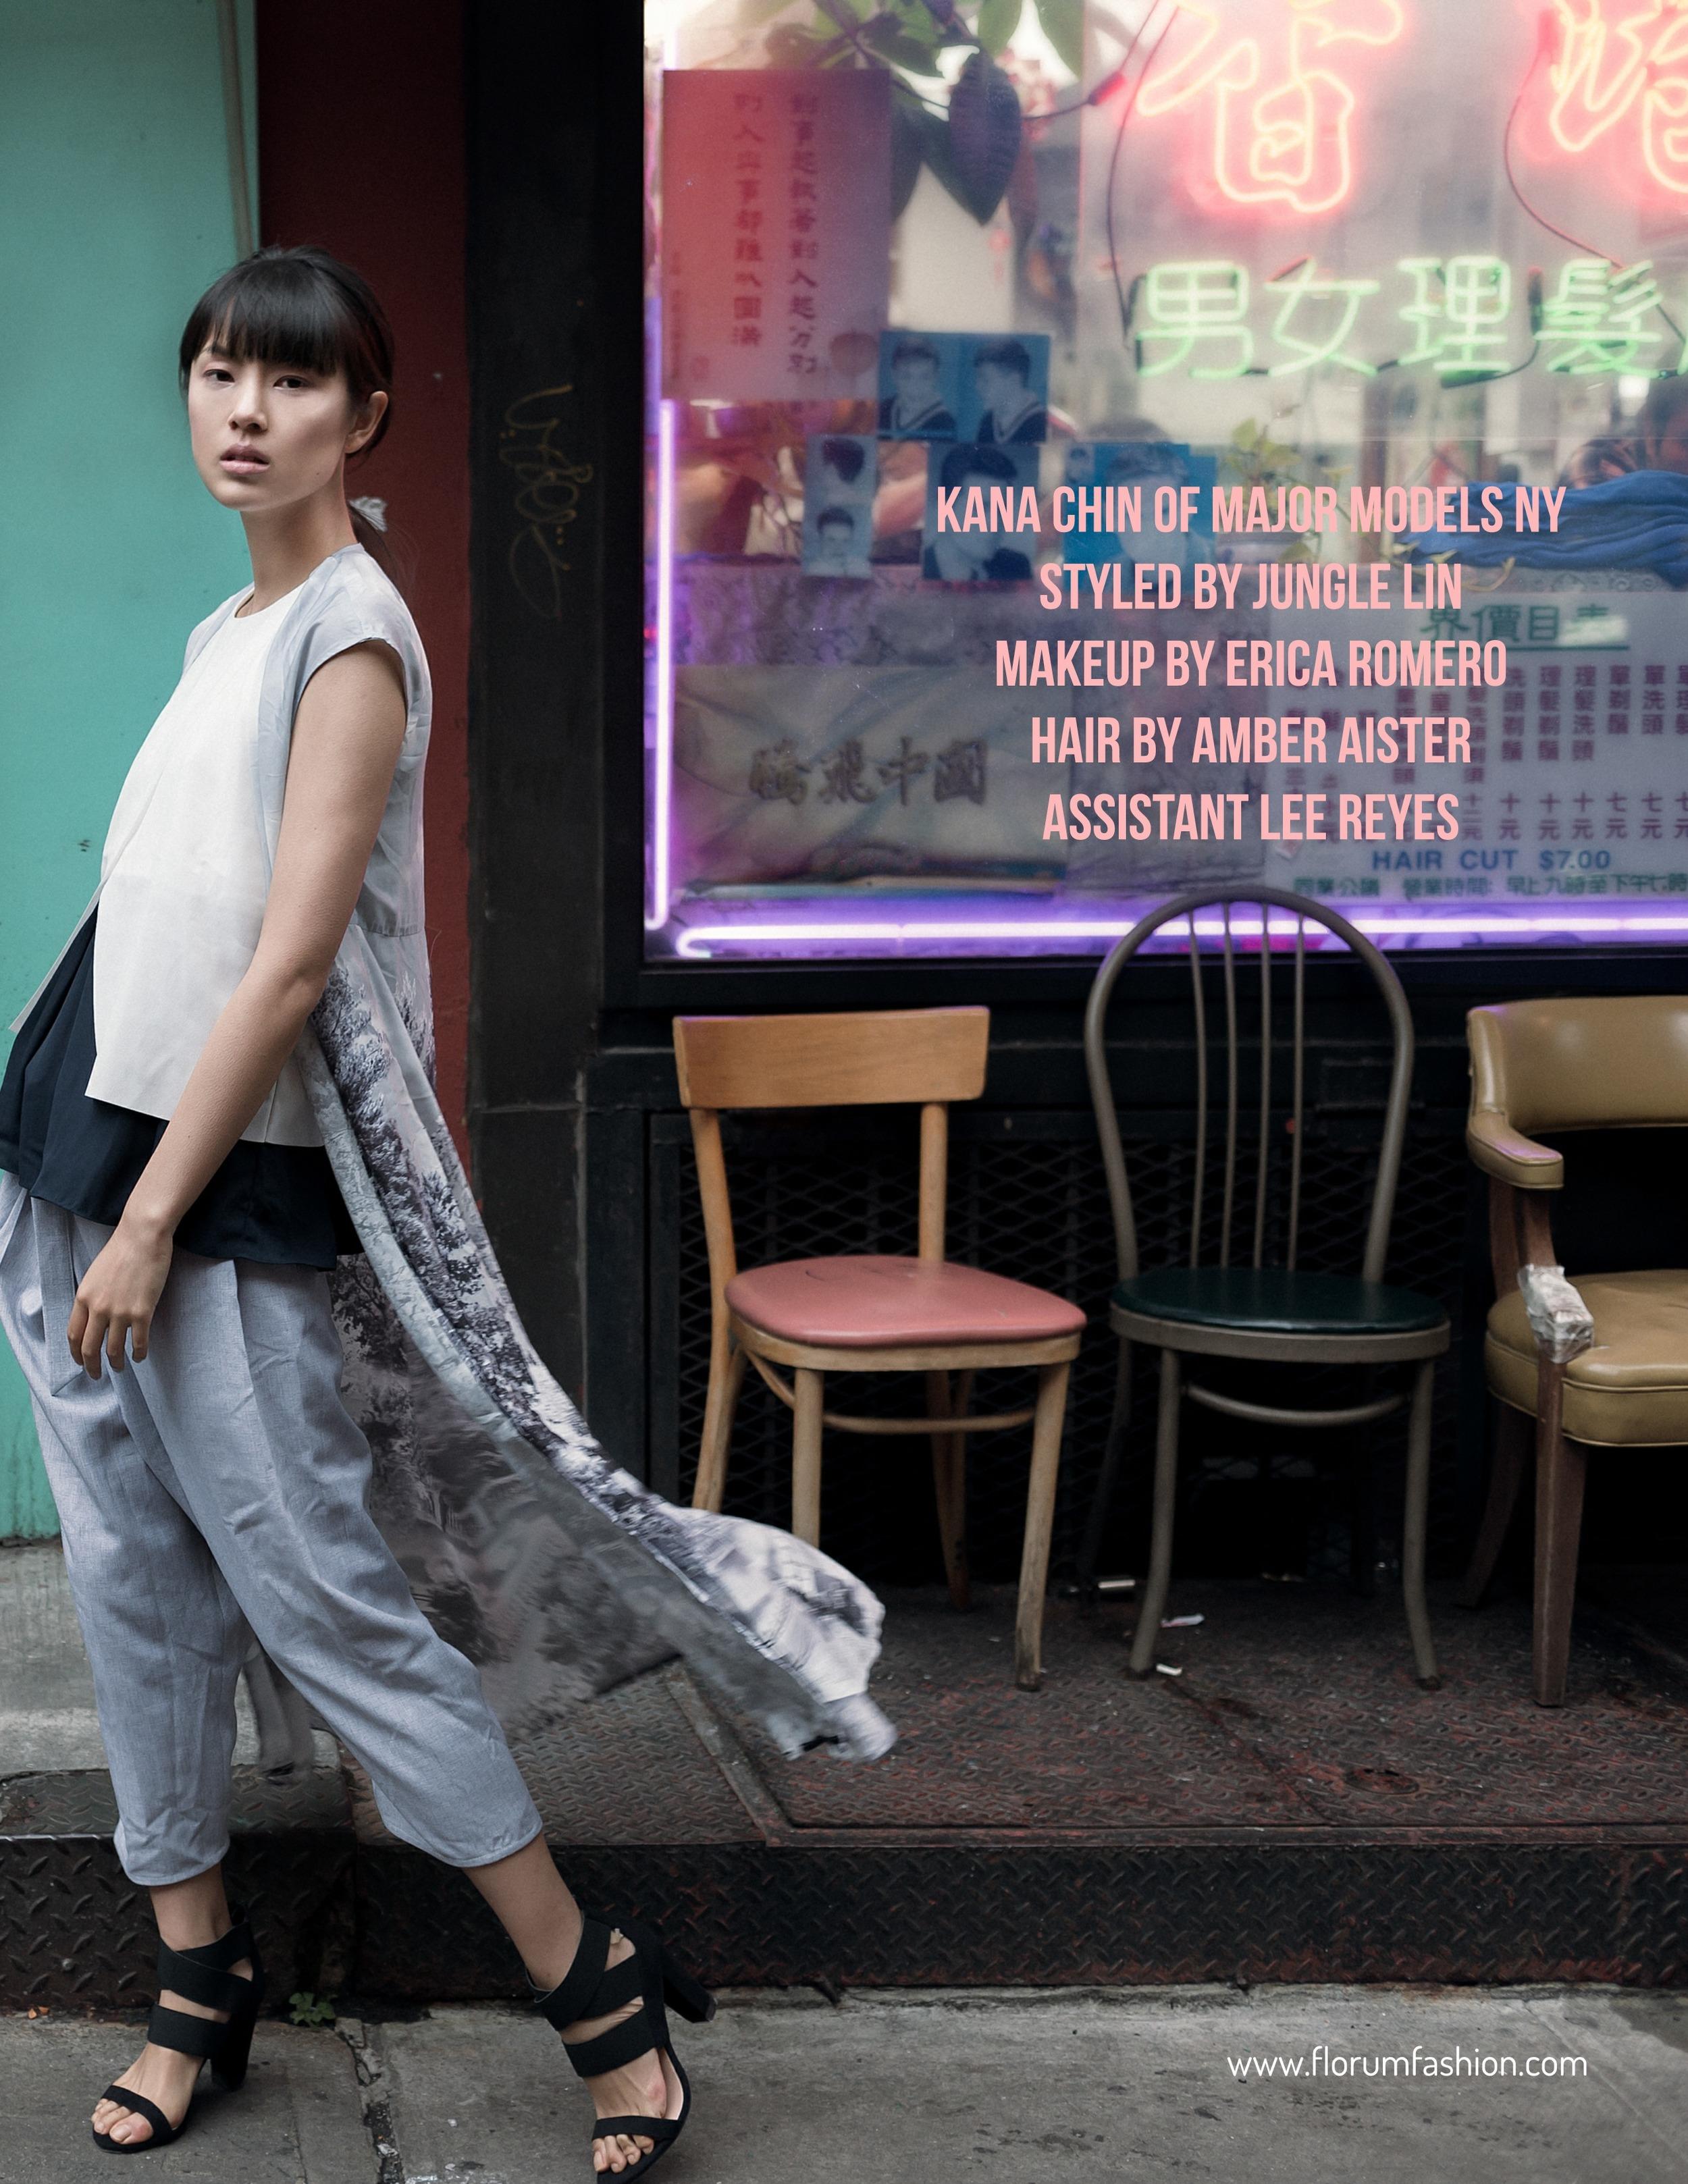 Florum Fashion Magazine Pauly Pholwises Kana Chin Major Models Ethical Fashion